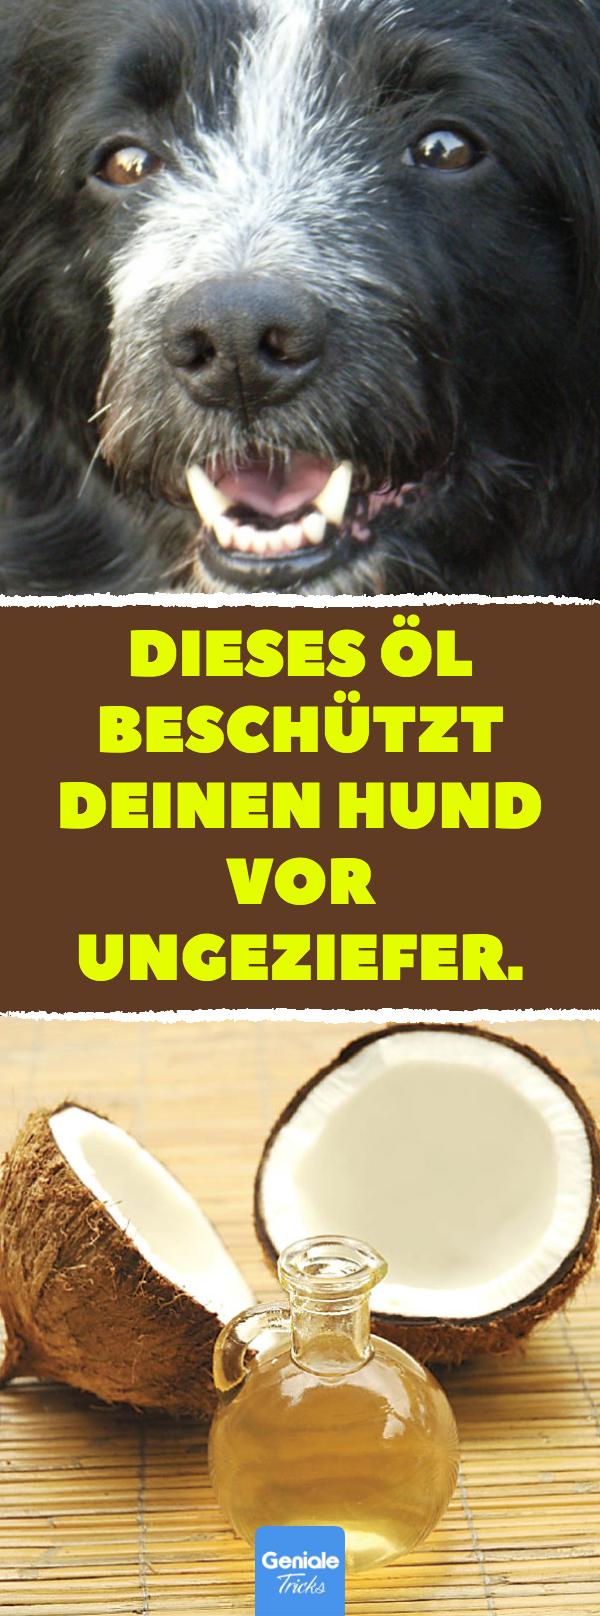 Dieses Ol Beschutzt Deinen Hund Vor Ungeziefer Mit Diesem Hausmittel Zecken Und Flohe Von Deinem Hund Fernhalten Gesundheit Kok Ungeziefer Hunde Flohe Hund